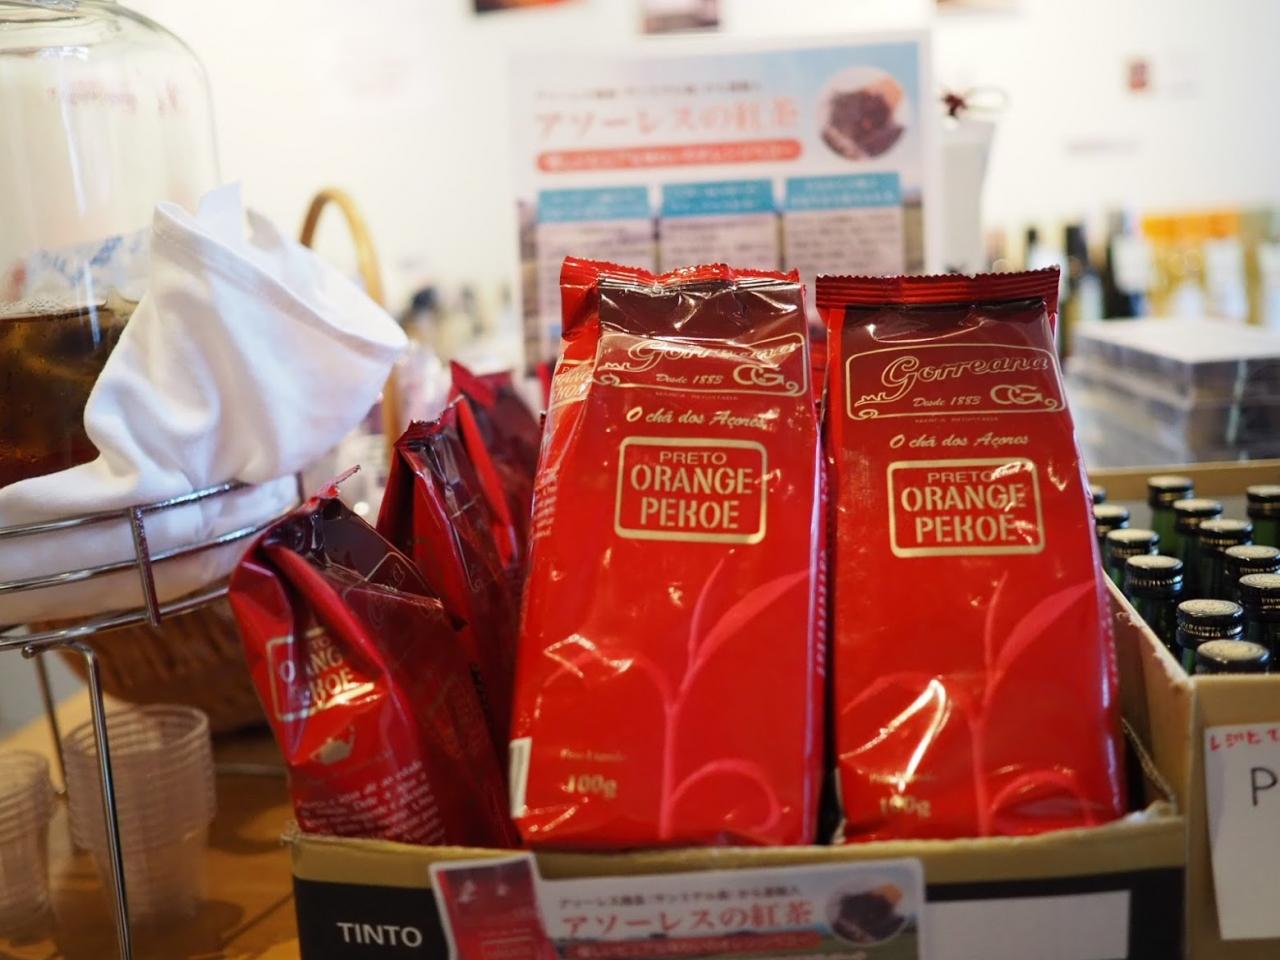 ヨーロッパ最古のお茶生産地より。アソーレスの紅茶